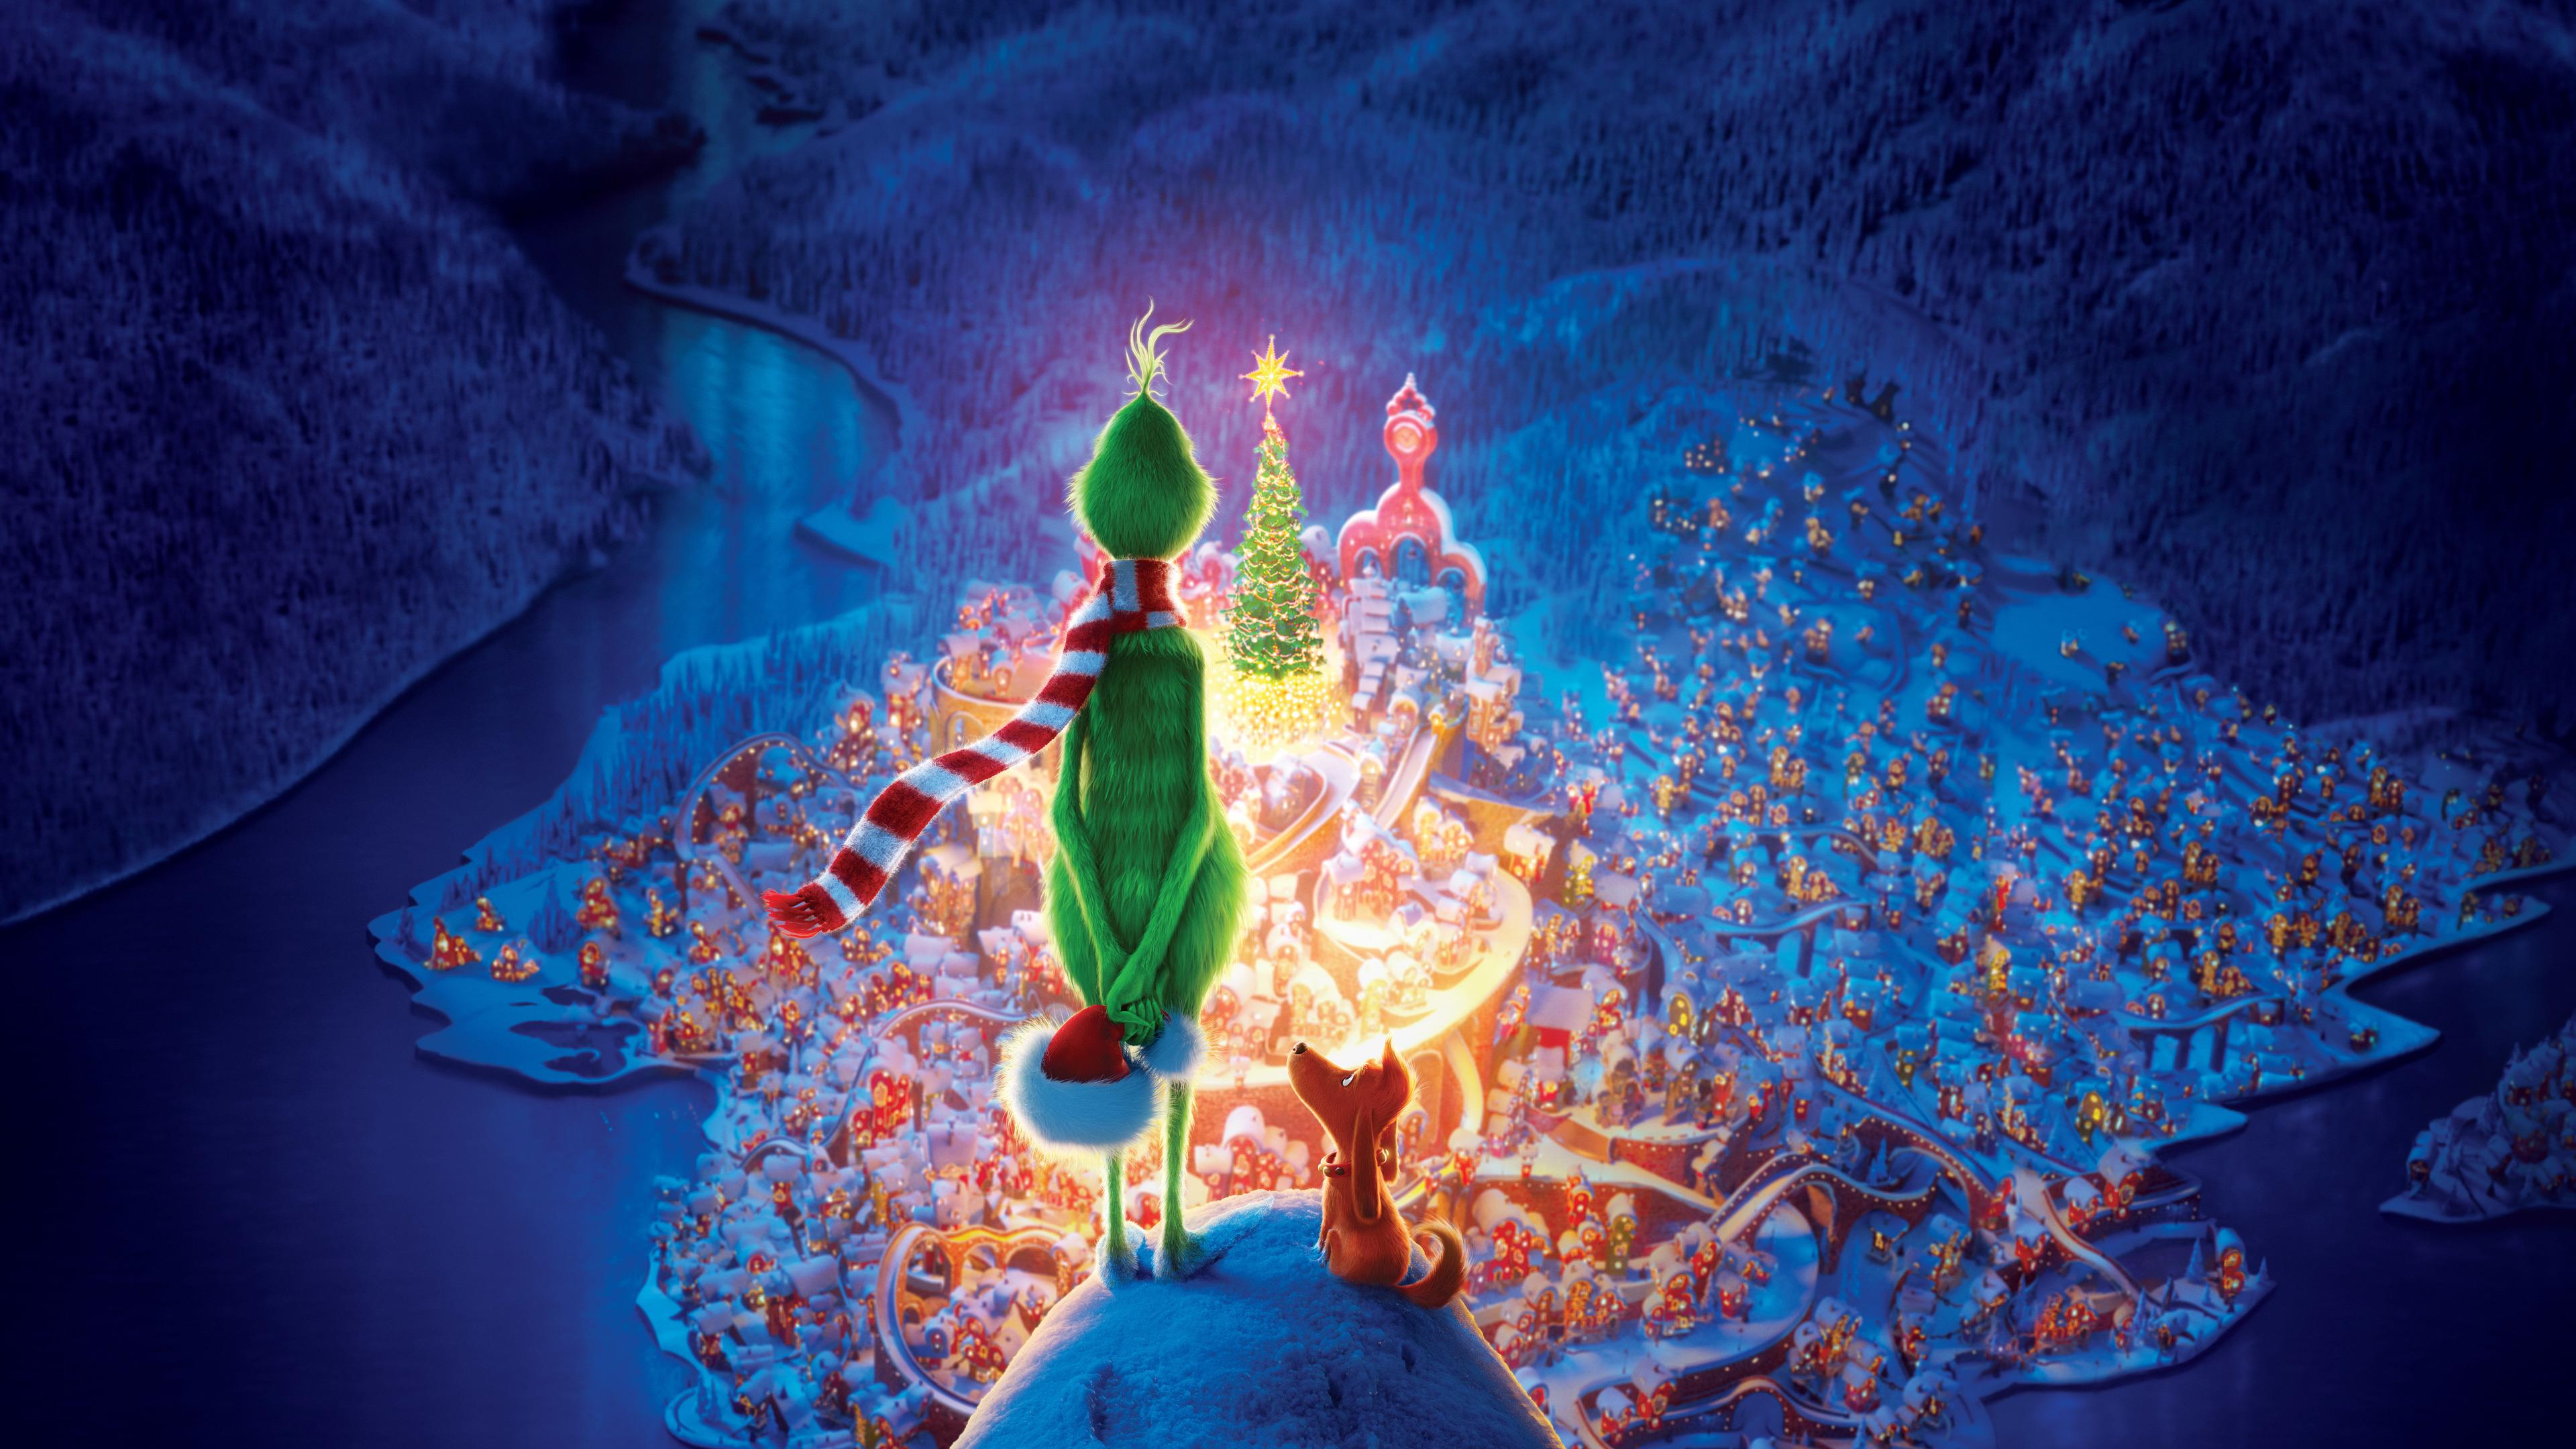 Fondos Para Pantallas De Grinch Para Navidad: The Grinch Movie 10k The Grinch Wallpapers, Movies